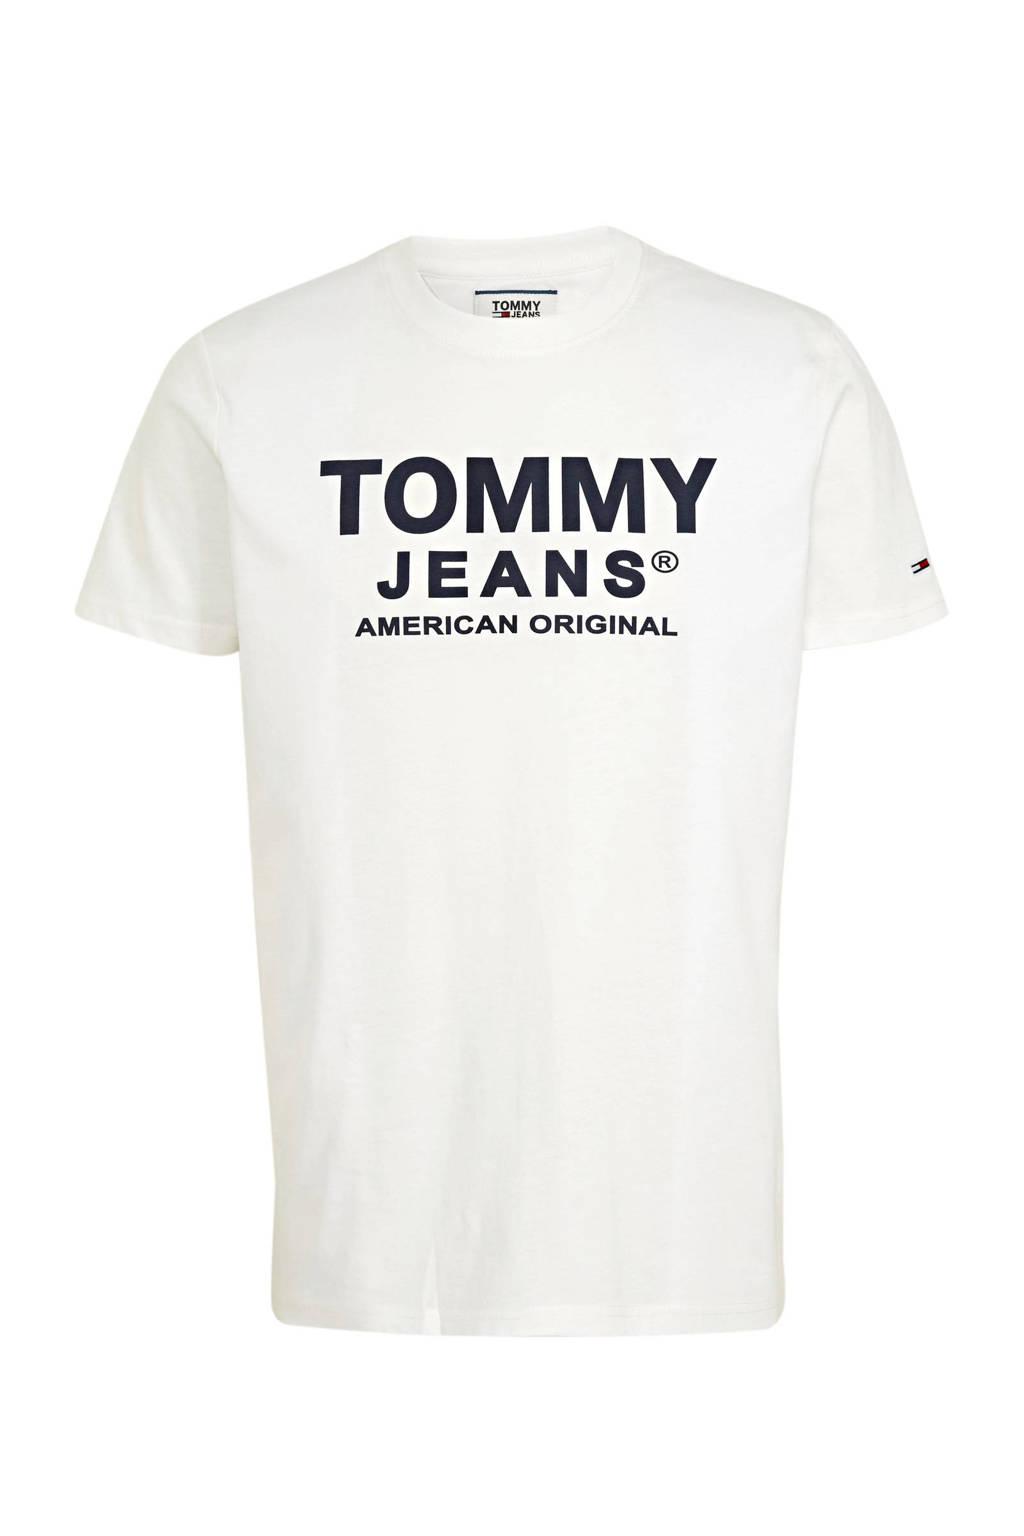 Tommy Jeans T-shirt met logo ecru, Ecru